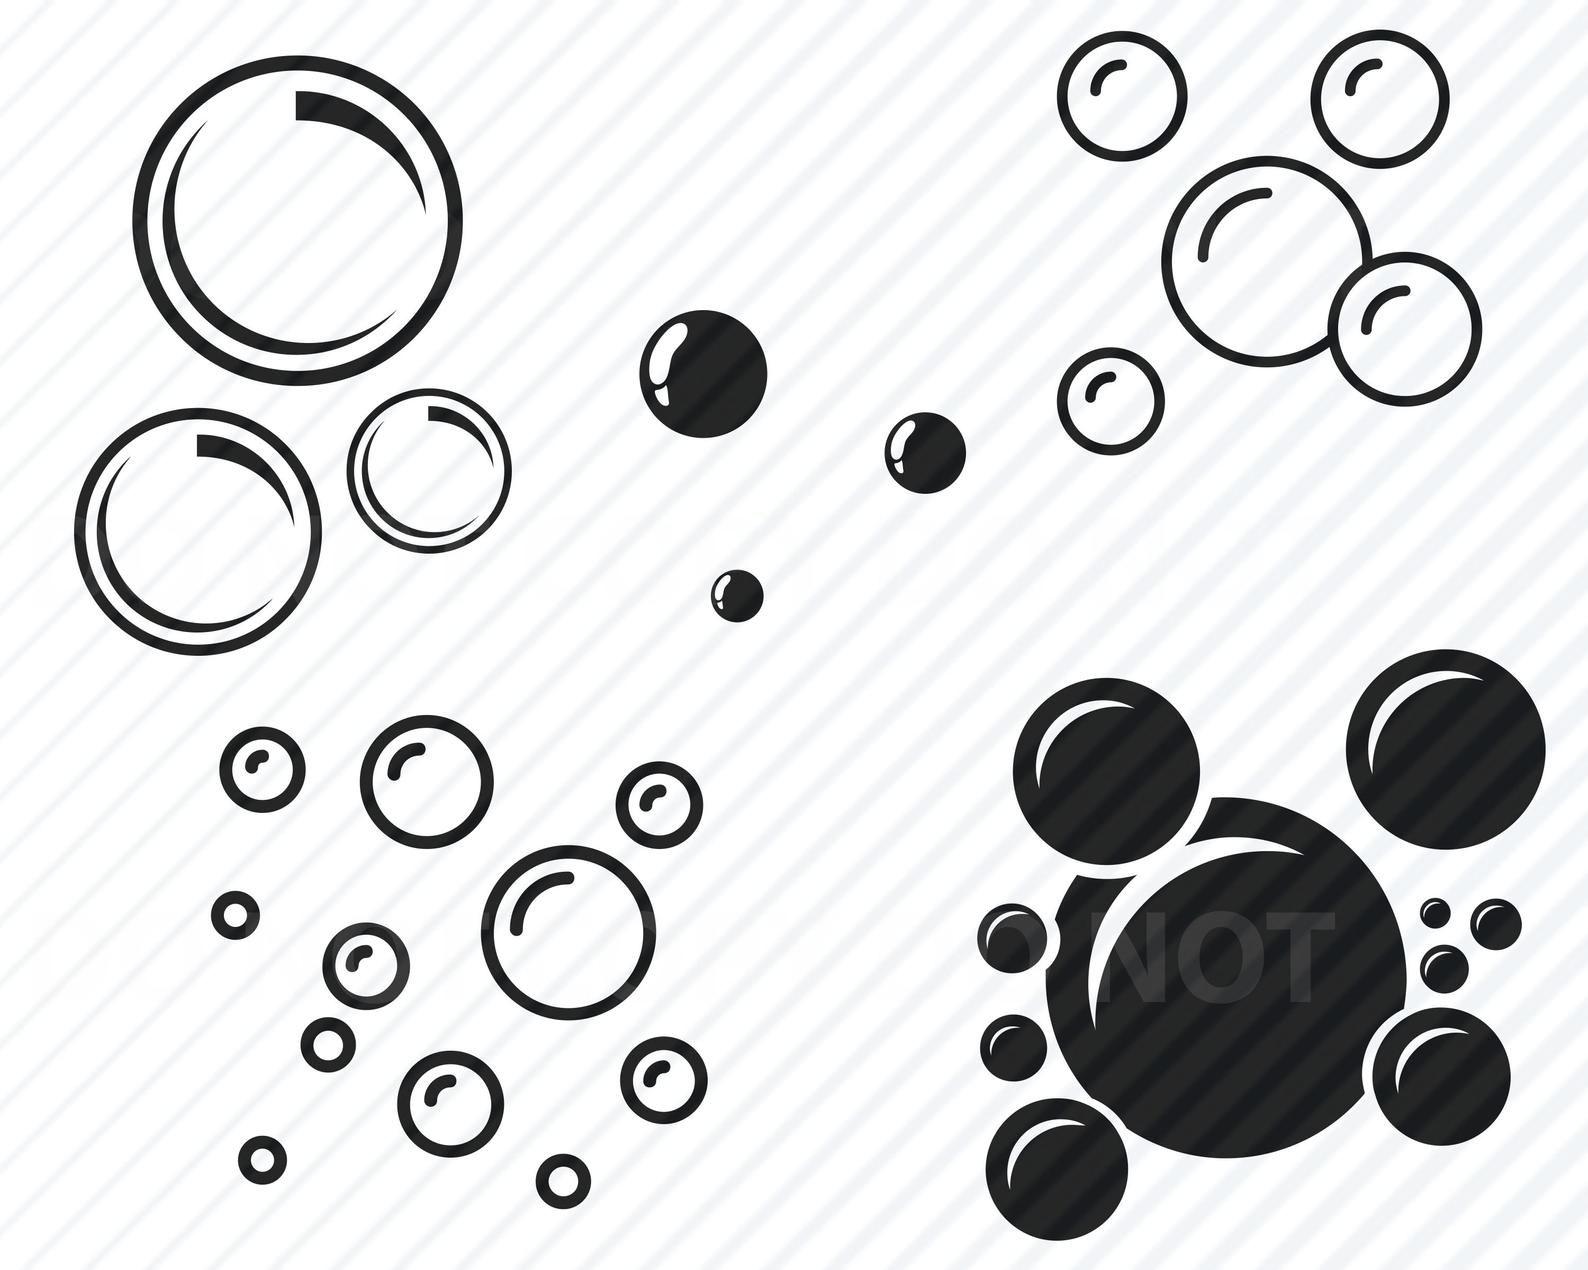 Bubbles Svg Bundle Bubble Vector Images Silhouette Clip Art Blowing Bubbles Svg Files For Cricut Eps Png Dxf Clipart Soap Bubble Svg Silhouette Clip Art Svg Digital Clip Art